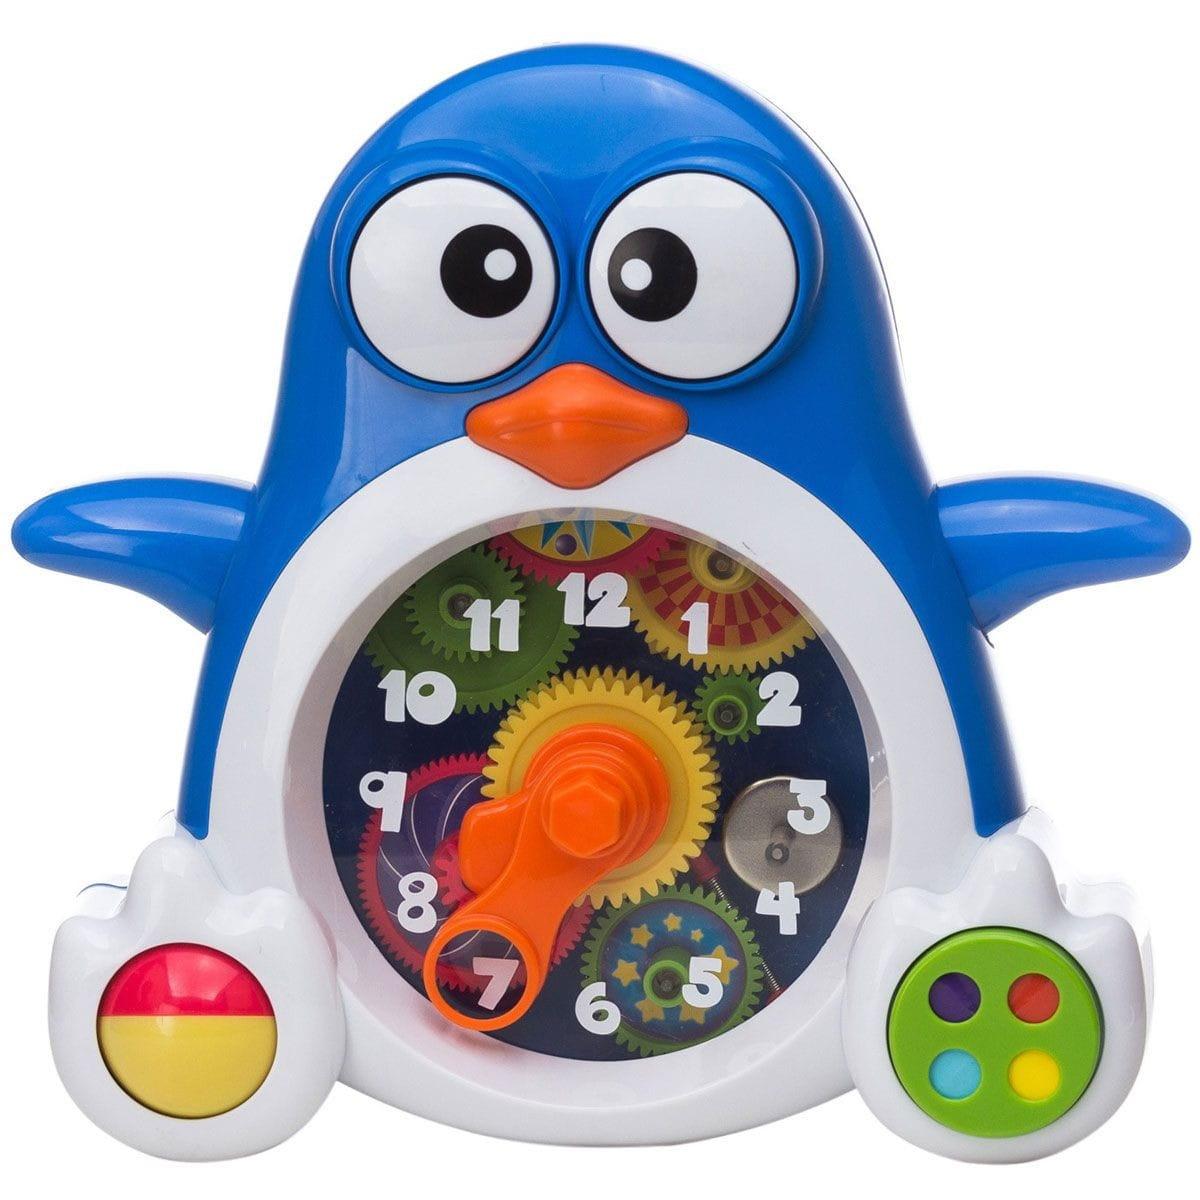 Интерактивная игрушка KEENWAY Пингвиненок-часы - Обучающие интерактивные игрушки